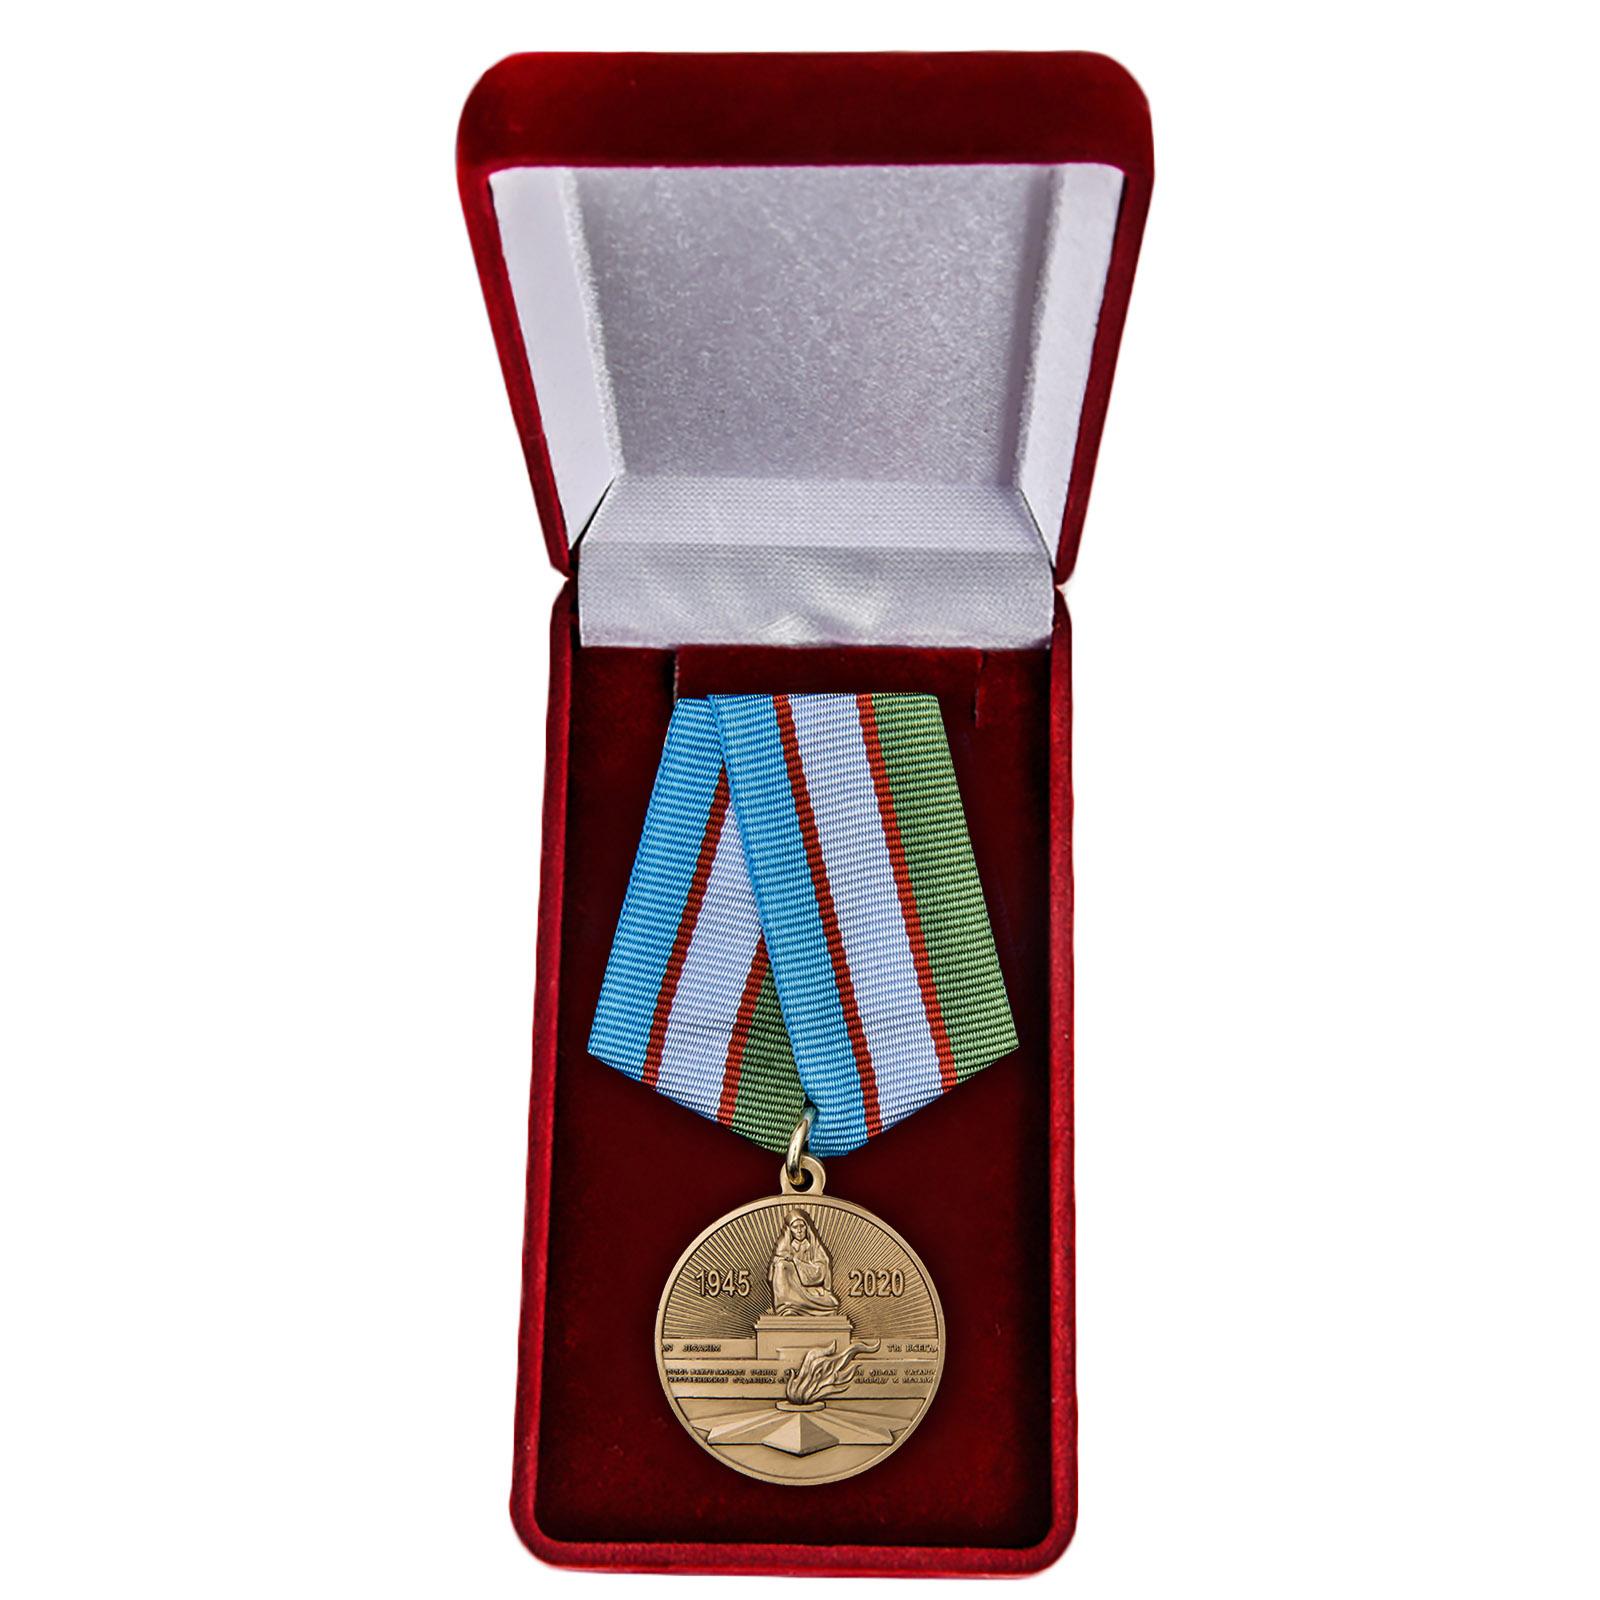 Юбилейная медаль Узбекистана 75 лет Победы во Второй мировой войне - в футляре